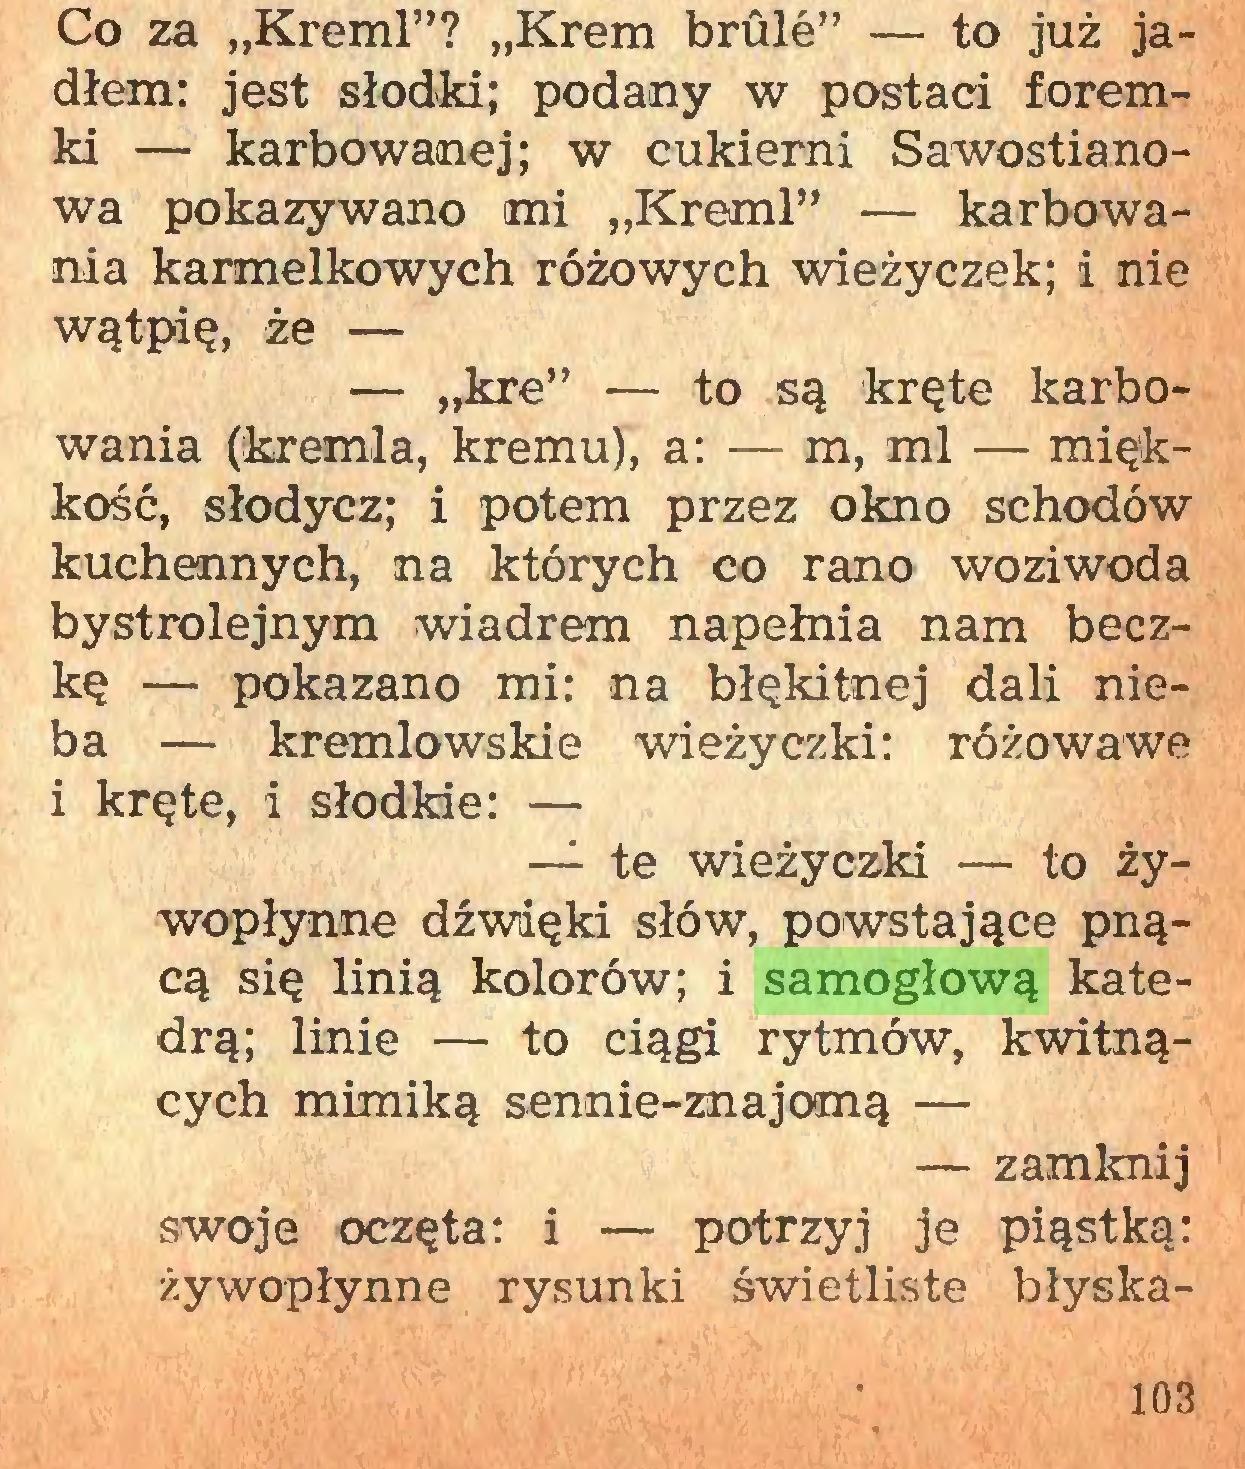 """(...) Co za """"Kreml""""? """"Krem brûlé"""" — to już jadłem: jest słodki; podany w postaci foremki — karbowanej; w cukierni Sawostianowa pokazywano mi """"Kreml"""" — karbowania karmelkowych różowych wieżyczek; i nie wątpię, że — — """"kre"""" — to są kręte karbowania (kremla, kremu), a: — m, ml — miękkość, słodycz; i potem przez okno schodów kuchennych, na których co rano woziwoda bystrolejnym wiadrem napełnia nam beczkę — pokazano mi: na błękitnej dali nieba — kremlowskie wieżyczki: różowawe i kręte, i słodkie: — — te wieżyczki — to żywopłynne dźwięki słów, powstające pnącą się linią kolorów; i samogłową katedrą; linie — to ciągi rytmów, kwitnących mimiką sennie-znajomą — — zamknij swoje oczęta: i — potrzyj je piąstką: żywopłynne rysunki świetliste błyska103..."""